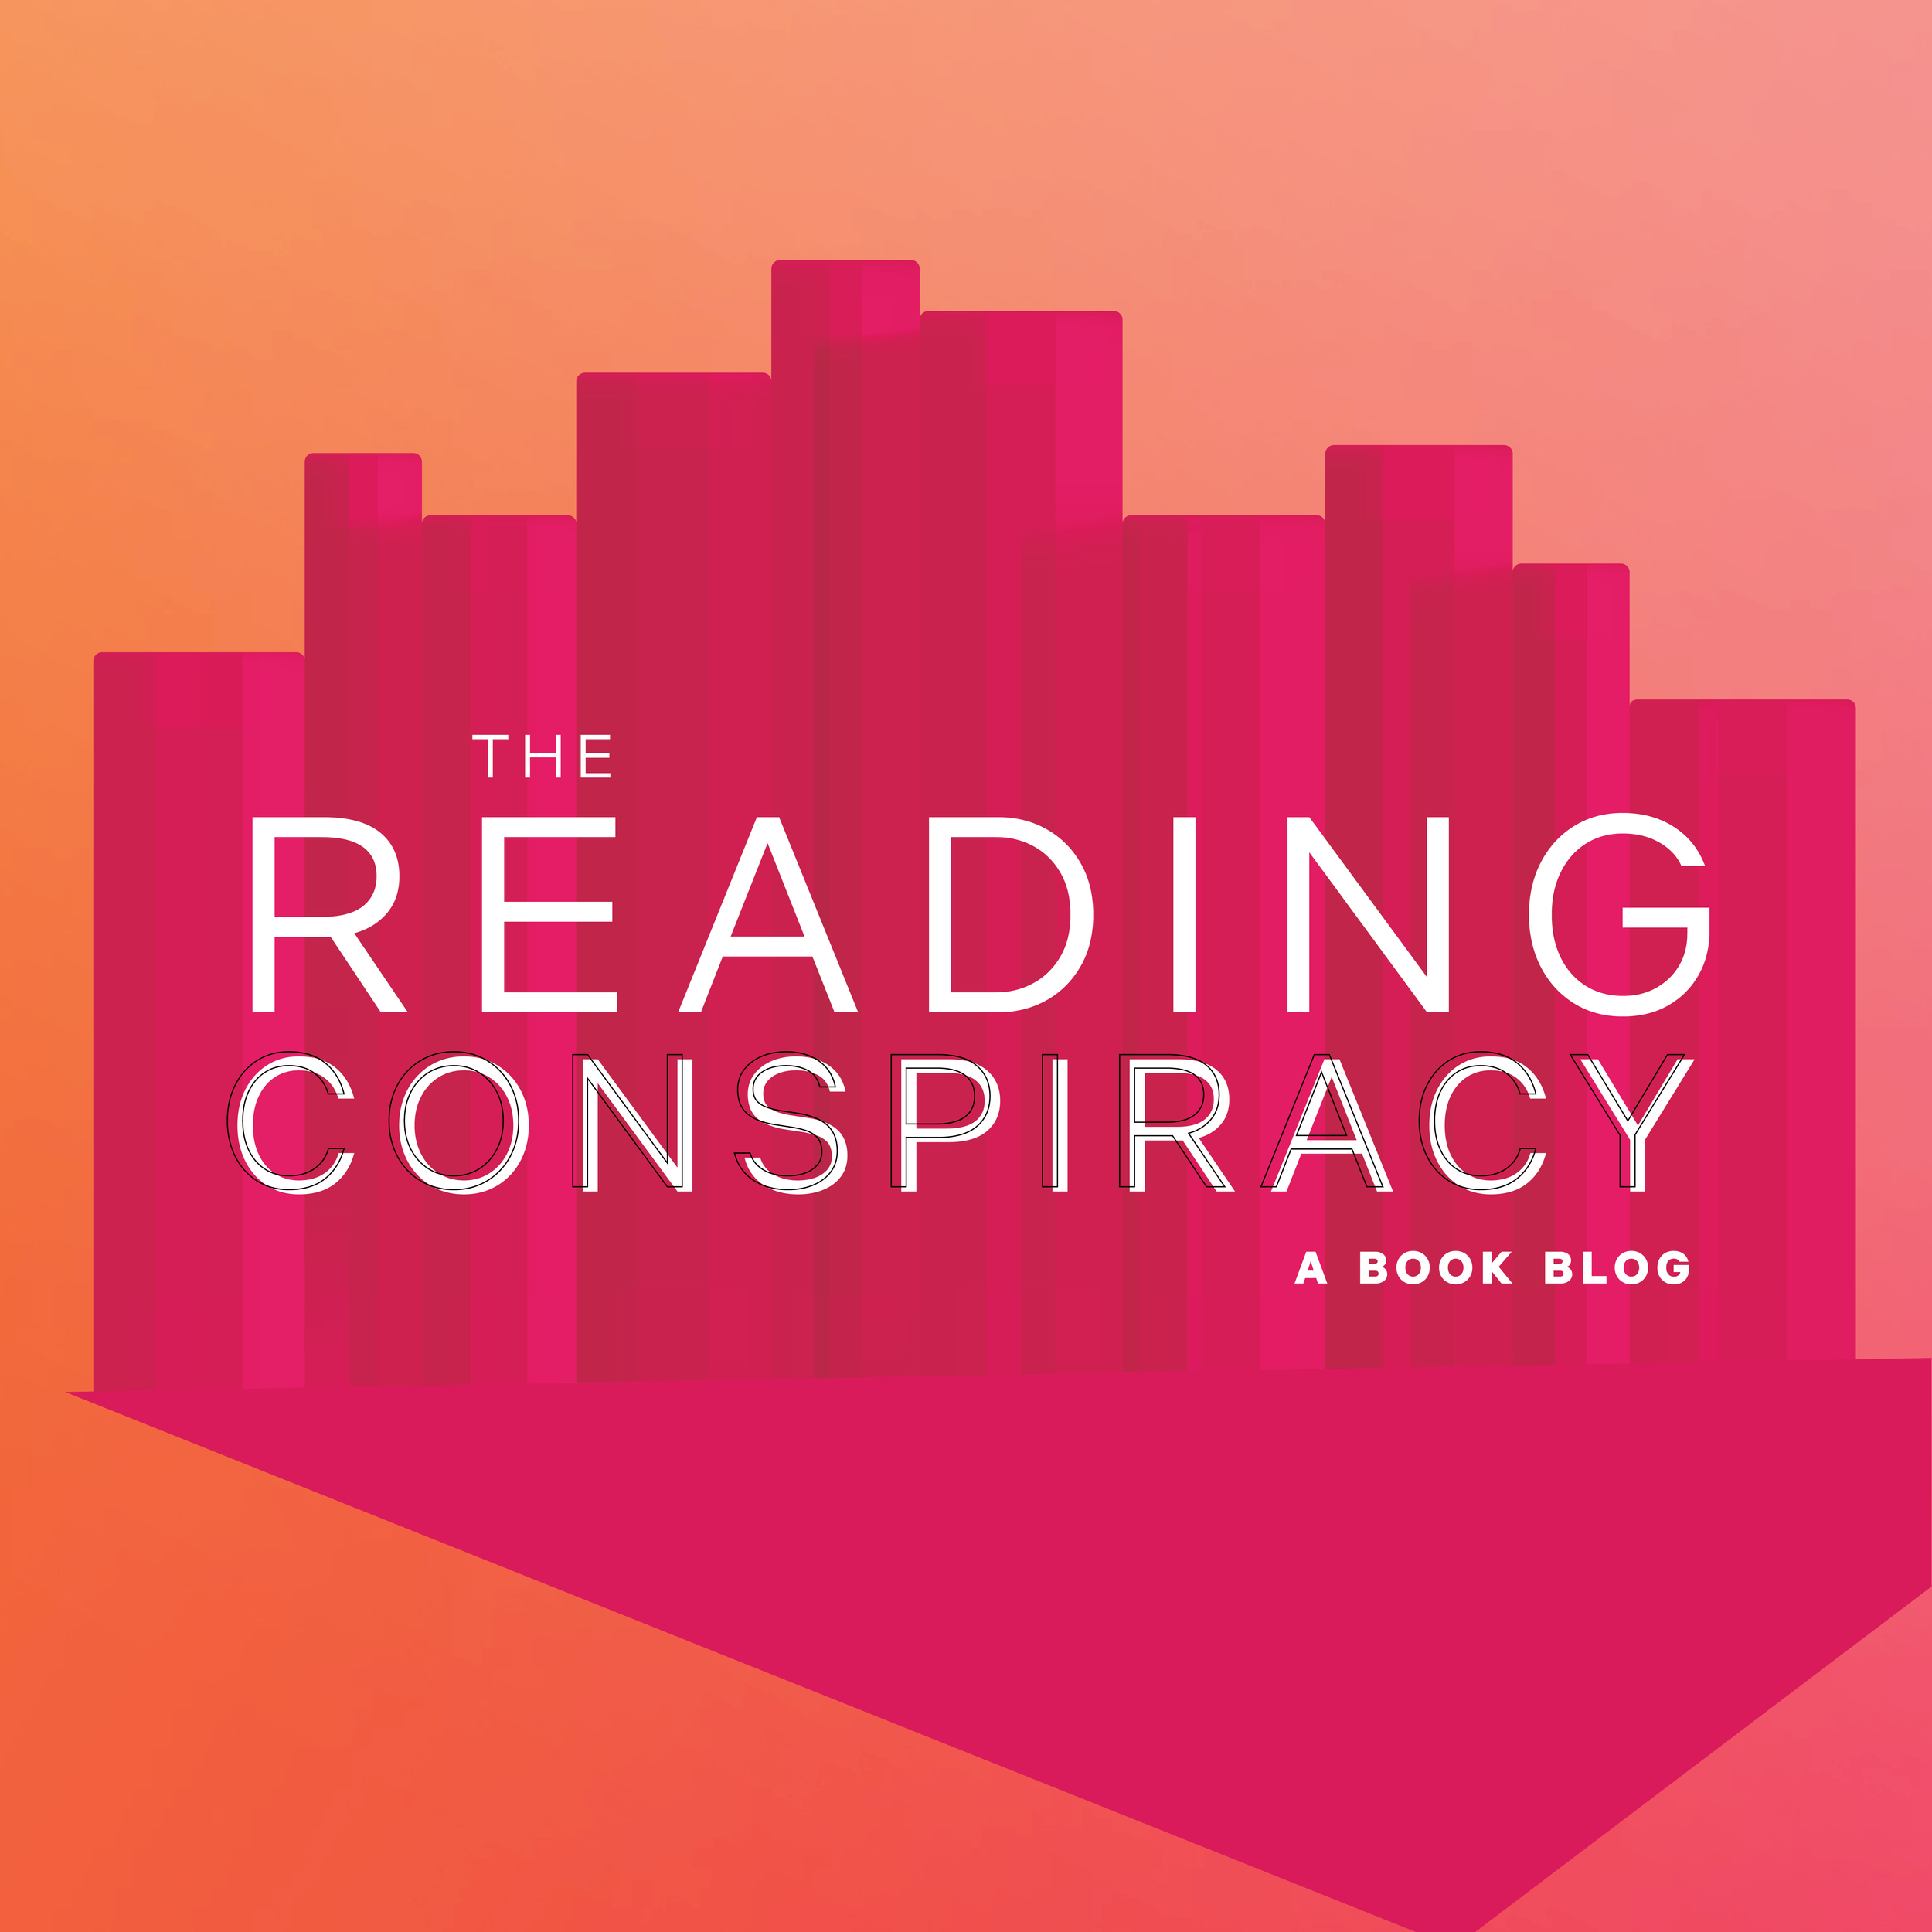 ReadingConspiracyLogos-01.png